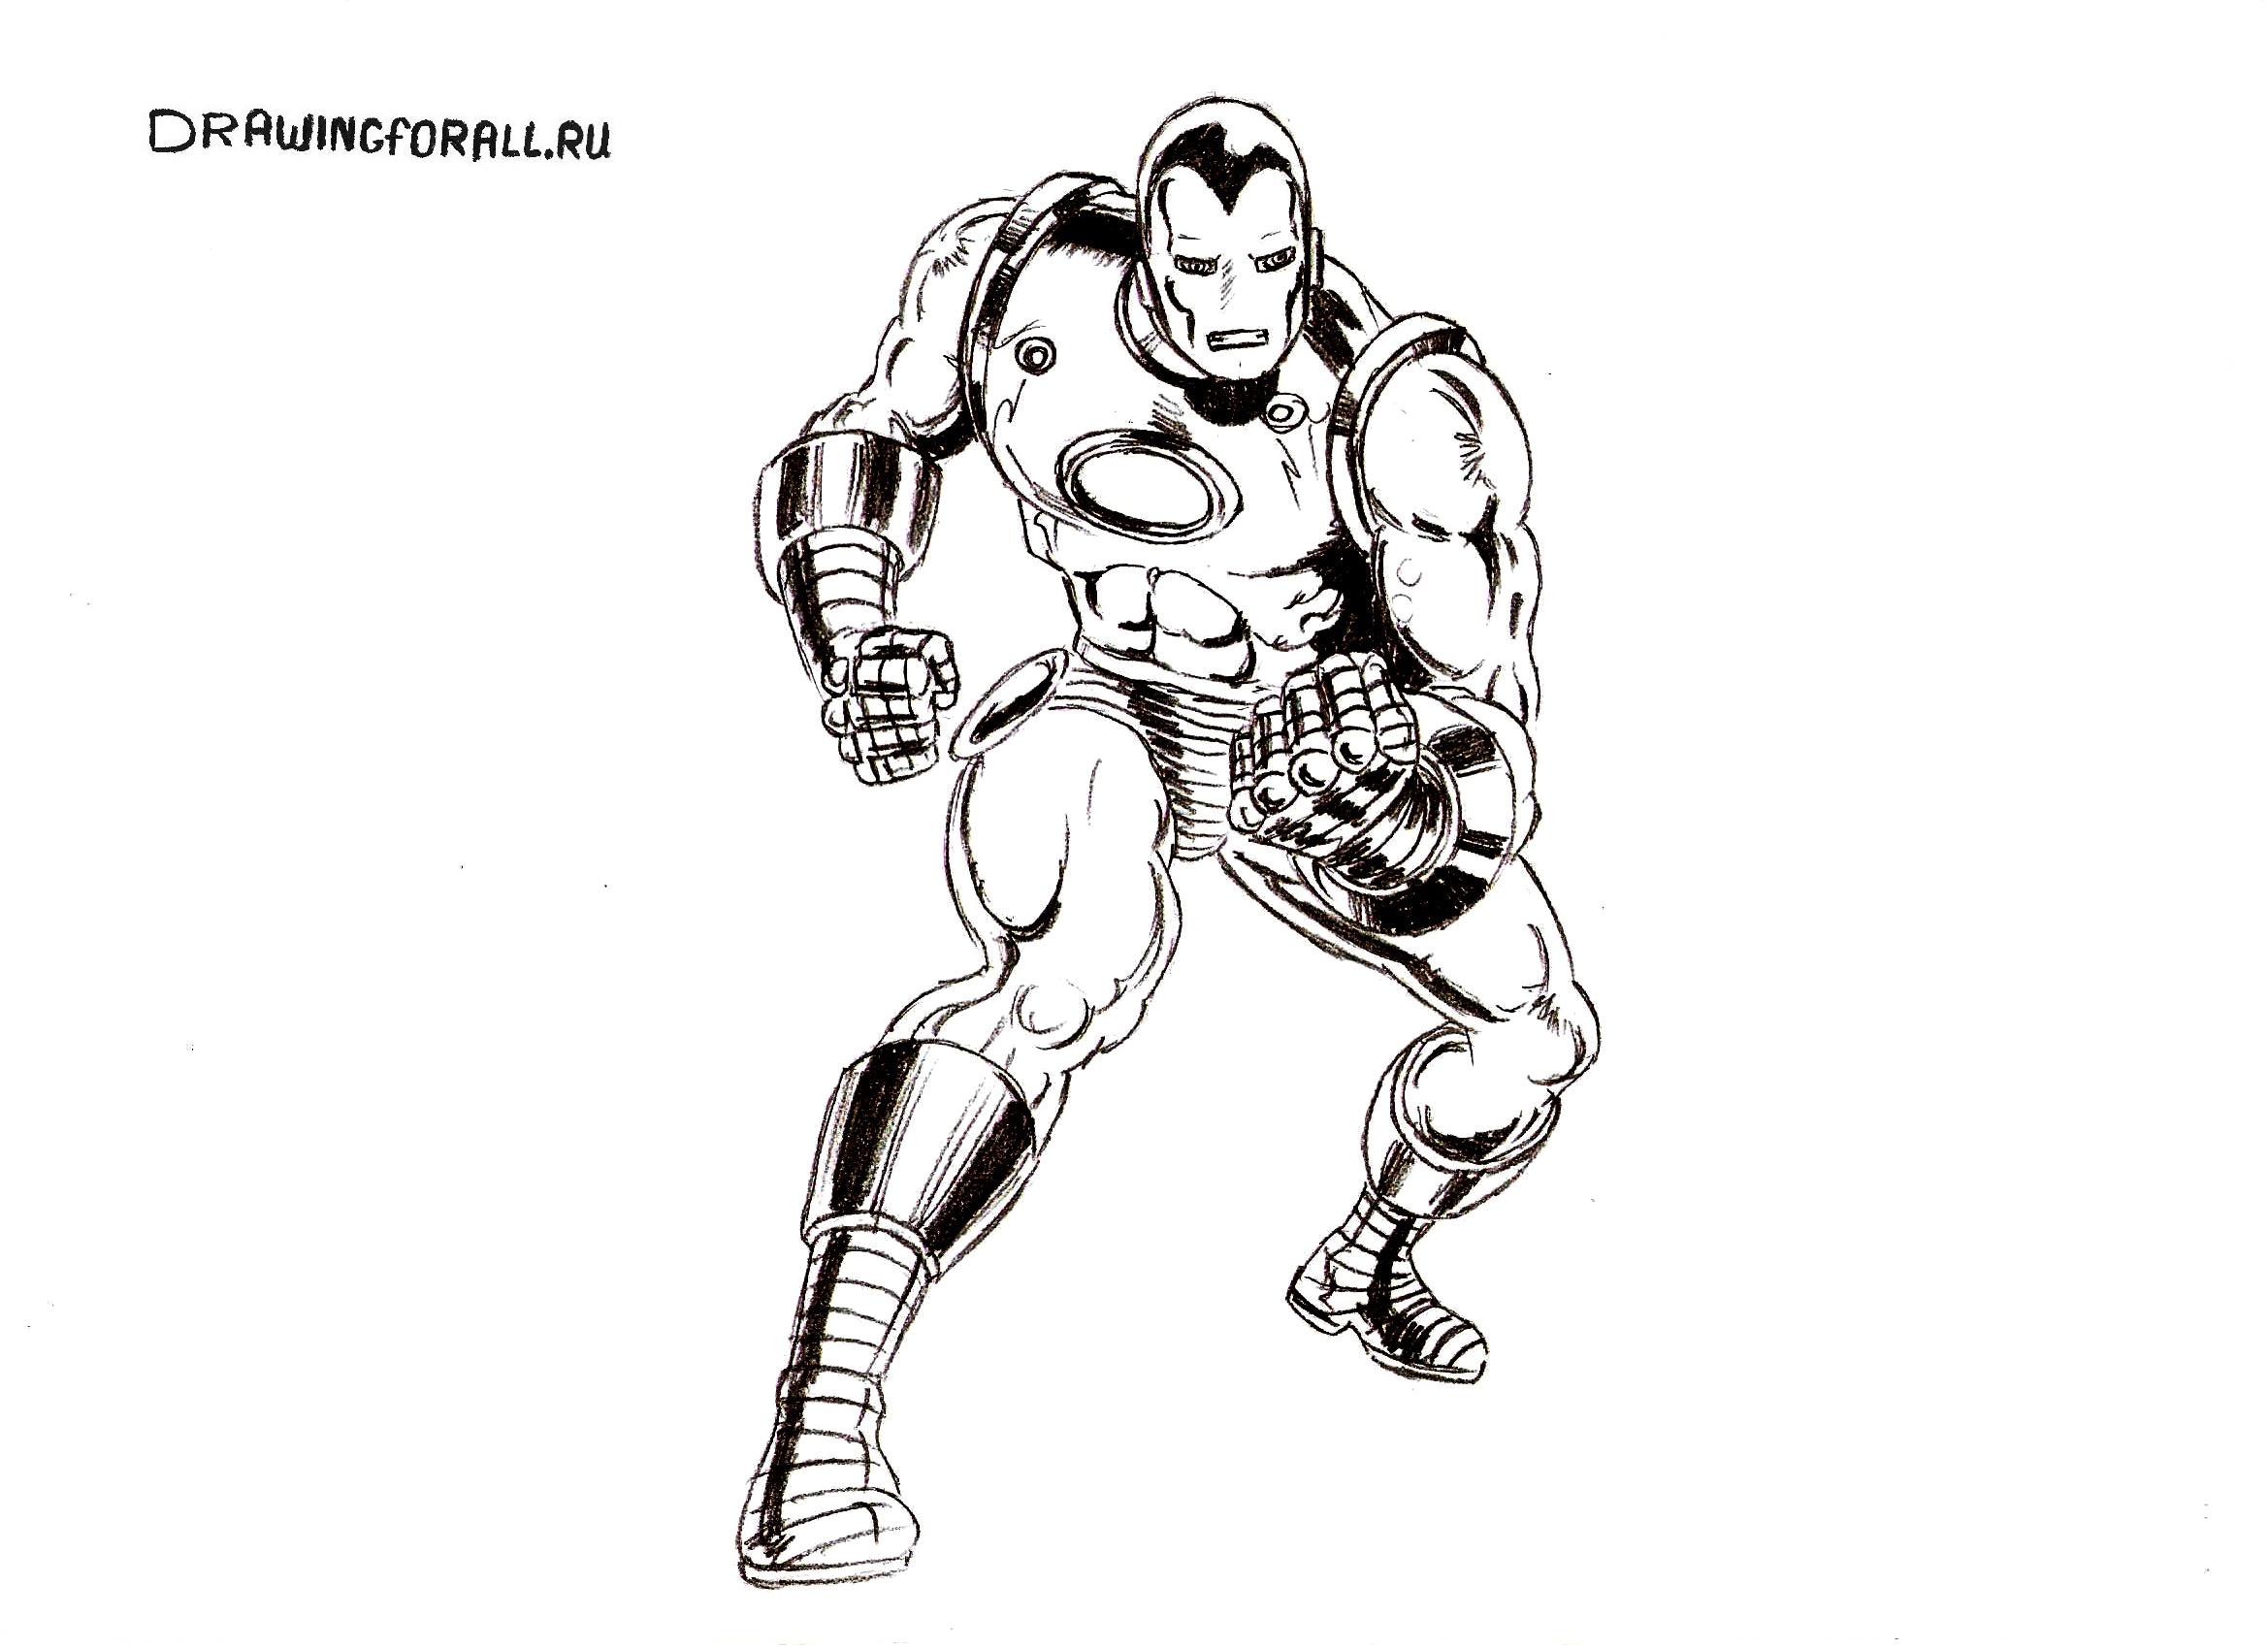 как нарисовать железного человека карандашом